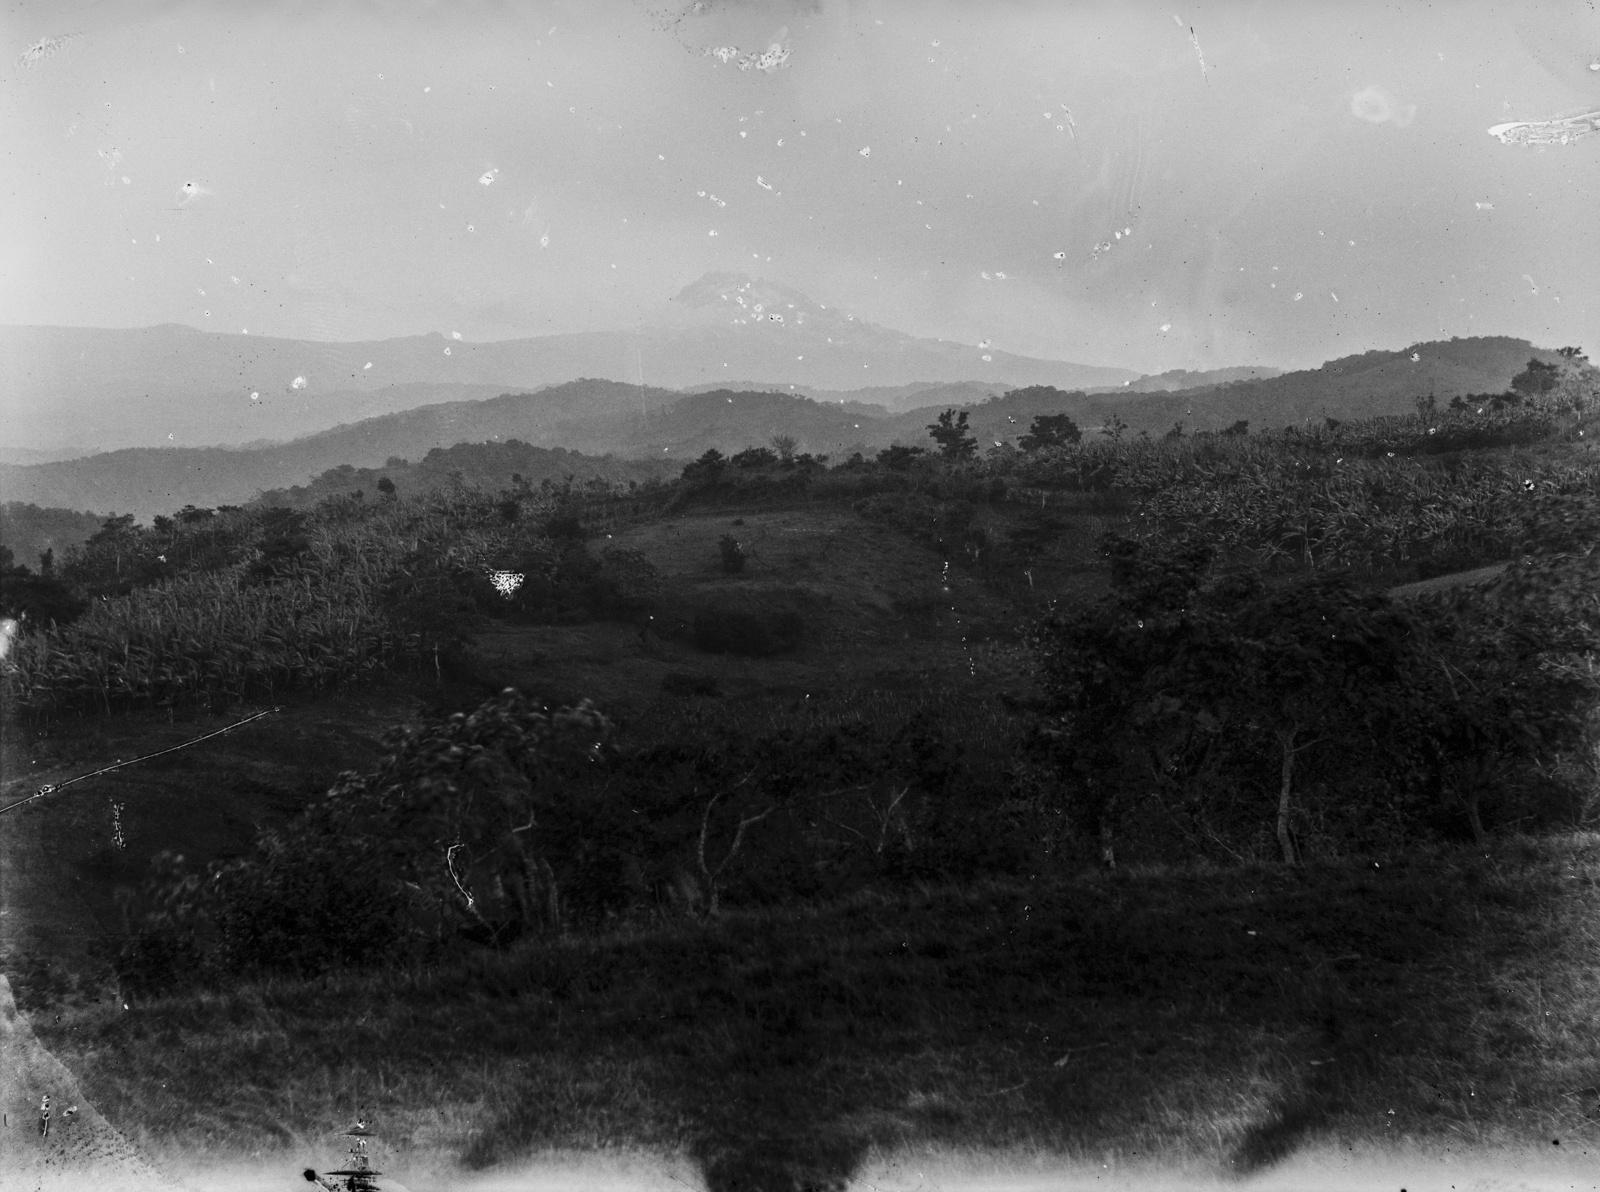 90.  Вид местности на высоте  1300 метров в районе Килиманджаро